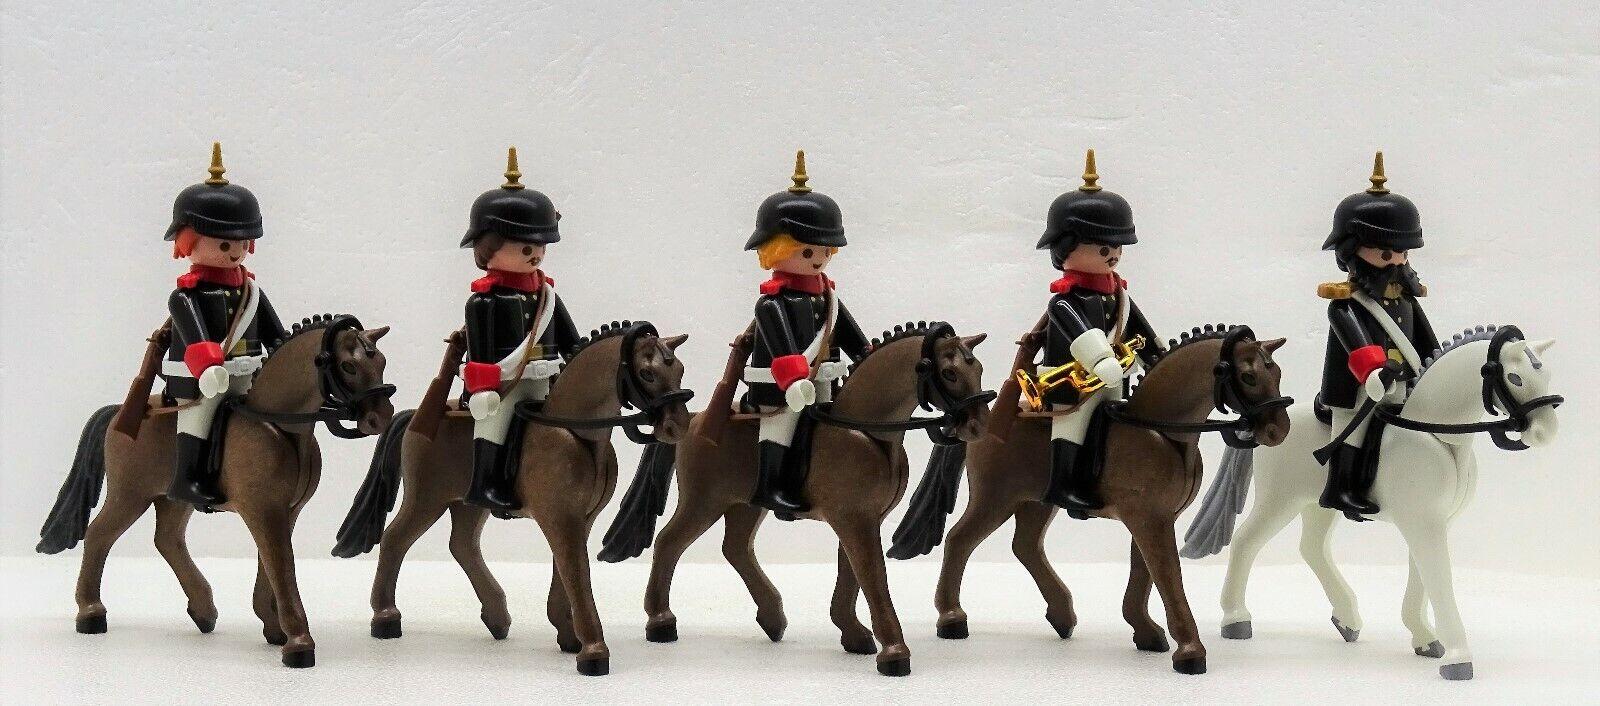 PREUSSEN  GARDE cavalier officier Playmobil à Prussian WW Chevaux Boutons Capot RAR  commandez maintenant profitez de gros rabais